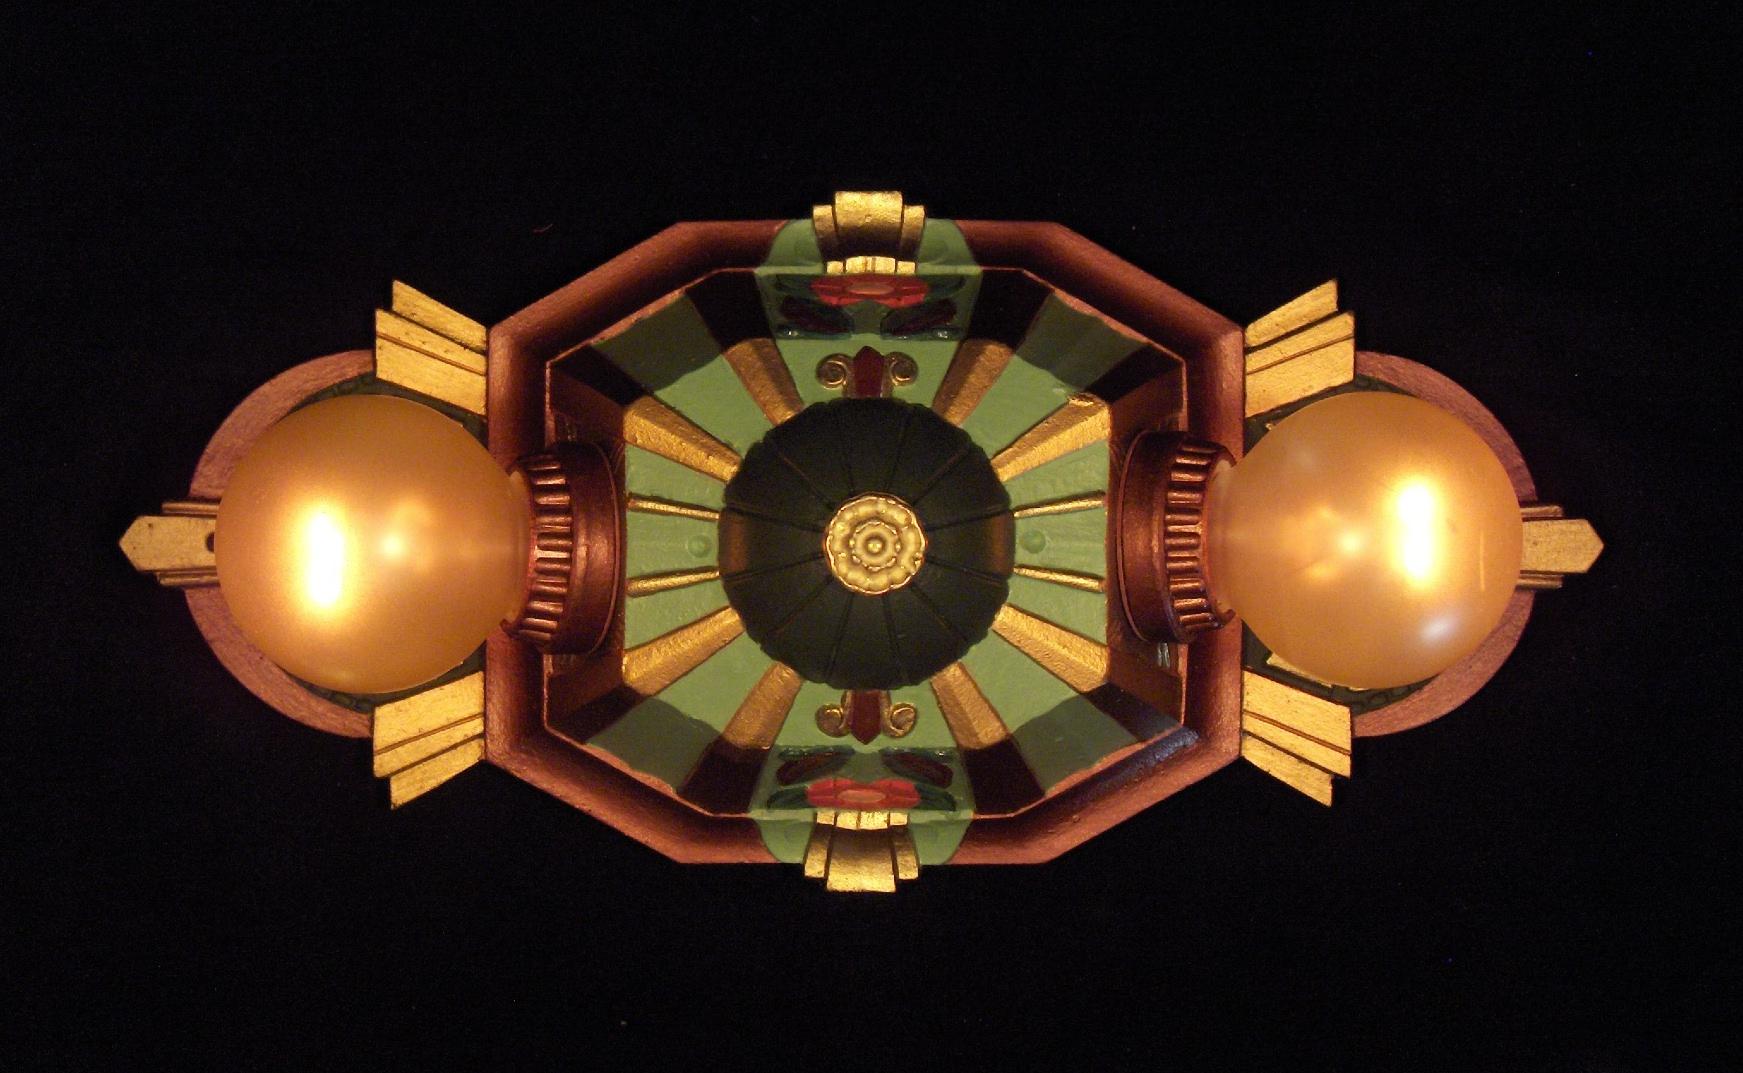 Peaceably Fan Shoppe Home Art Deco Lighting Reproductions Art Deco Lighting Fixtures More Art Deco Lighting Click On Art Deco Tab Vintage Lighting houzz-03 Art Deco Lighting